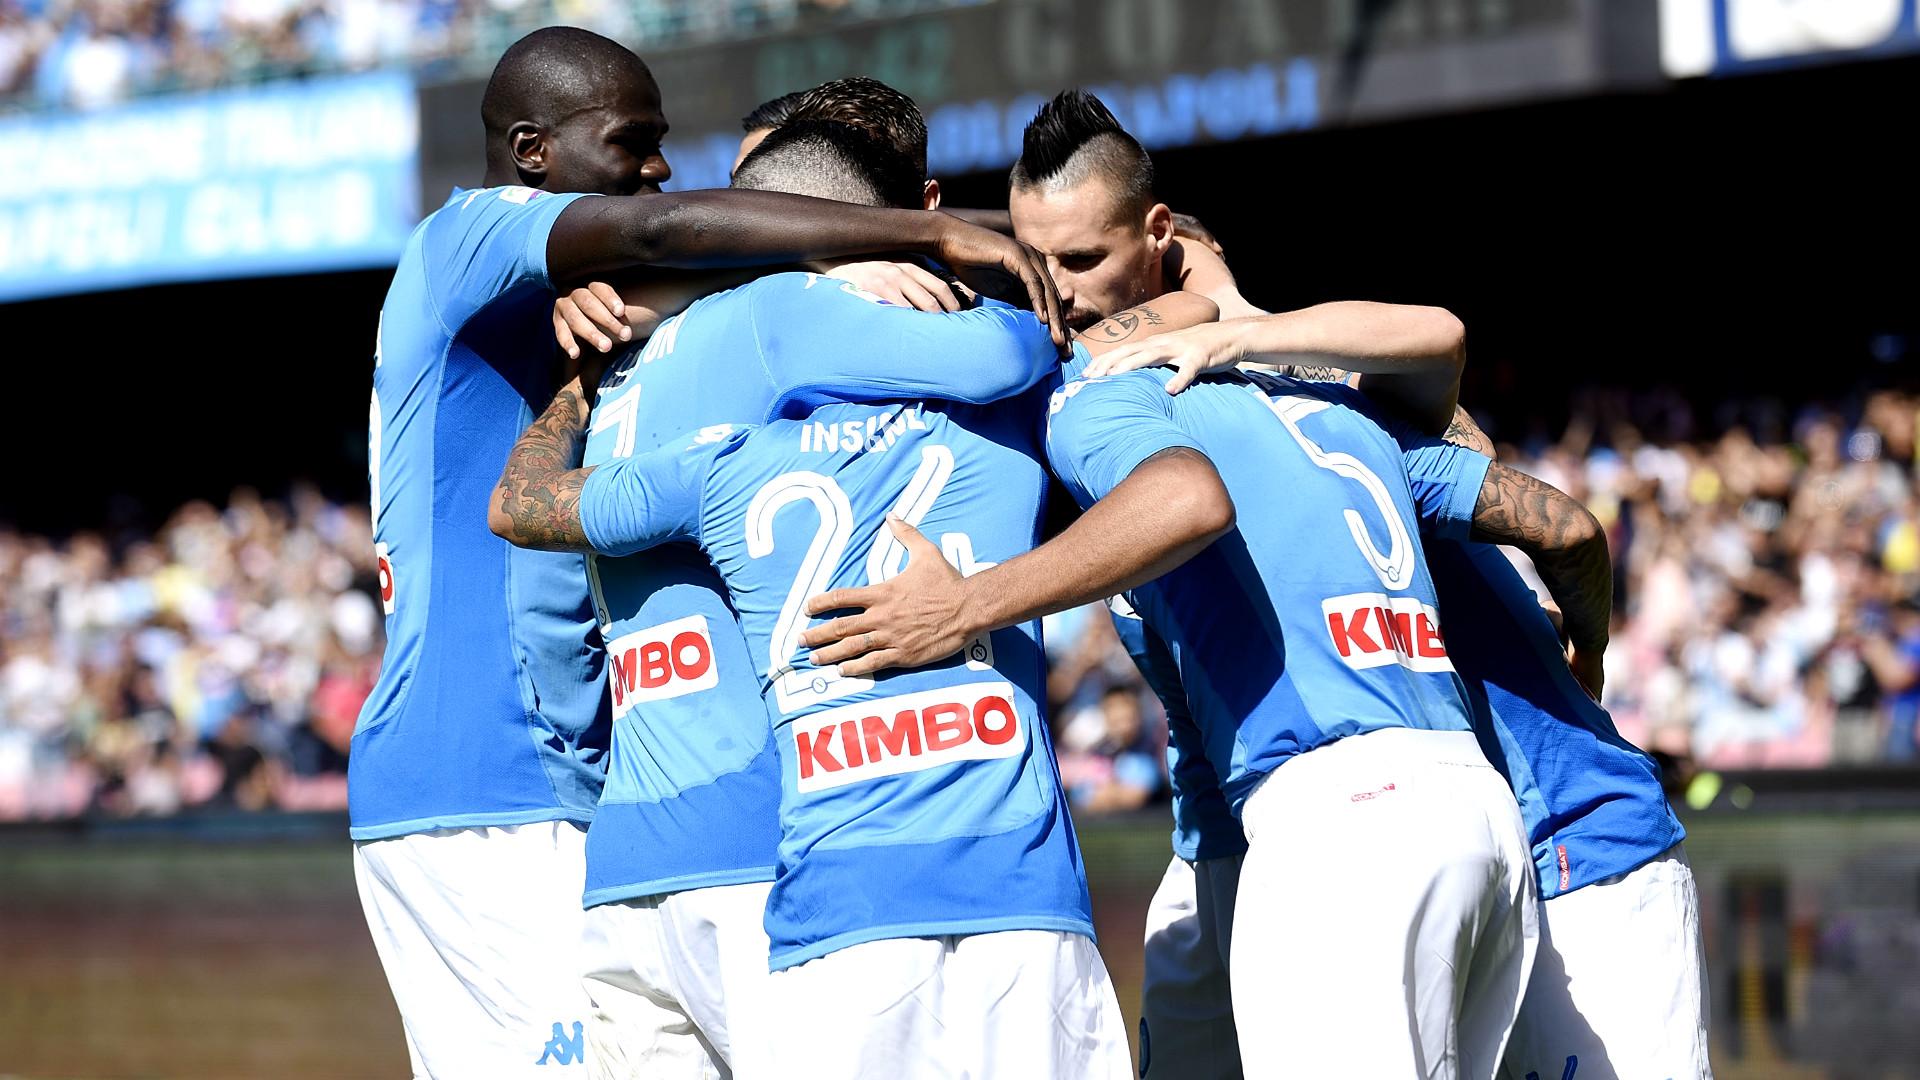 Lazio-Napoli, probabili formazioni: Parolo dal 1′, niente turnover per Sarri